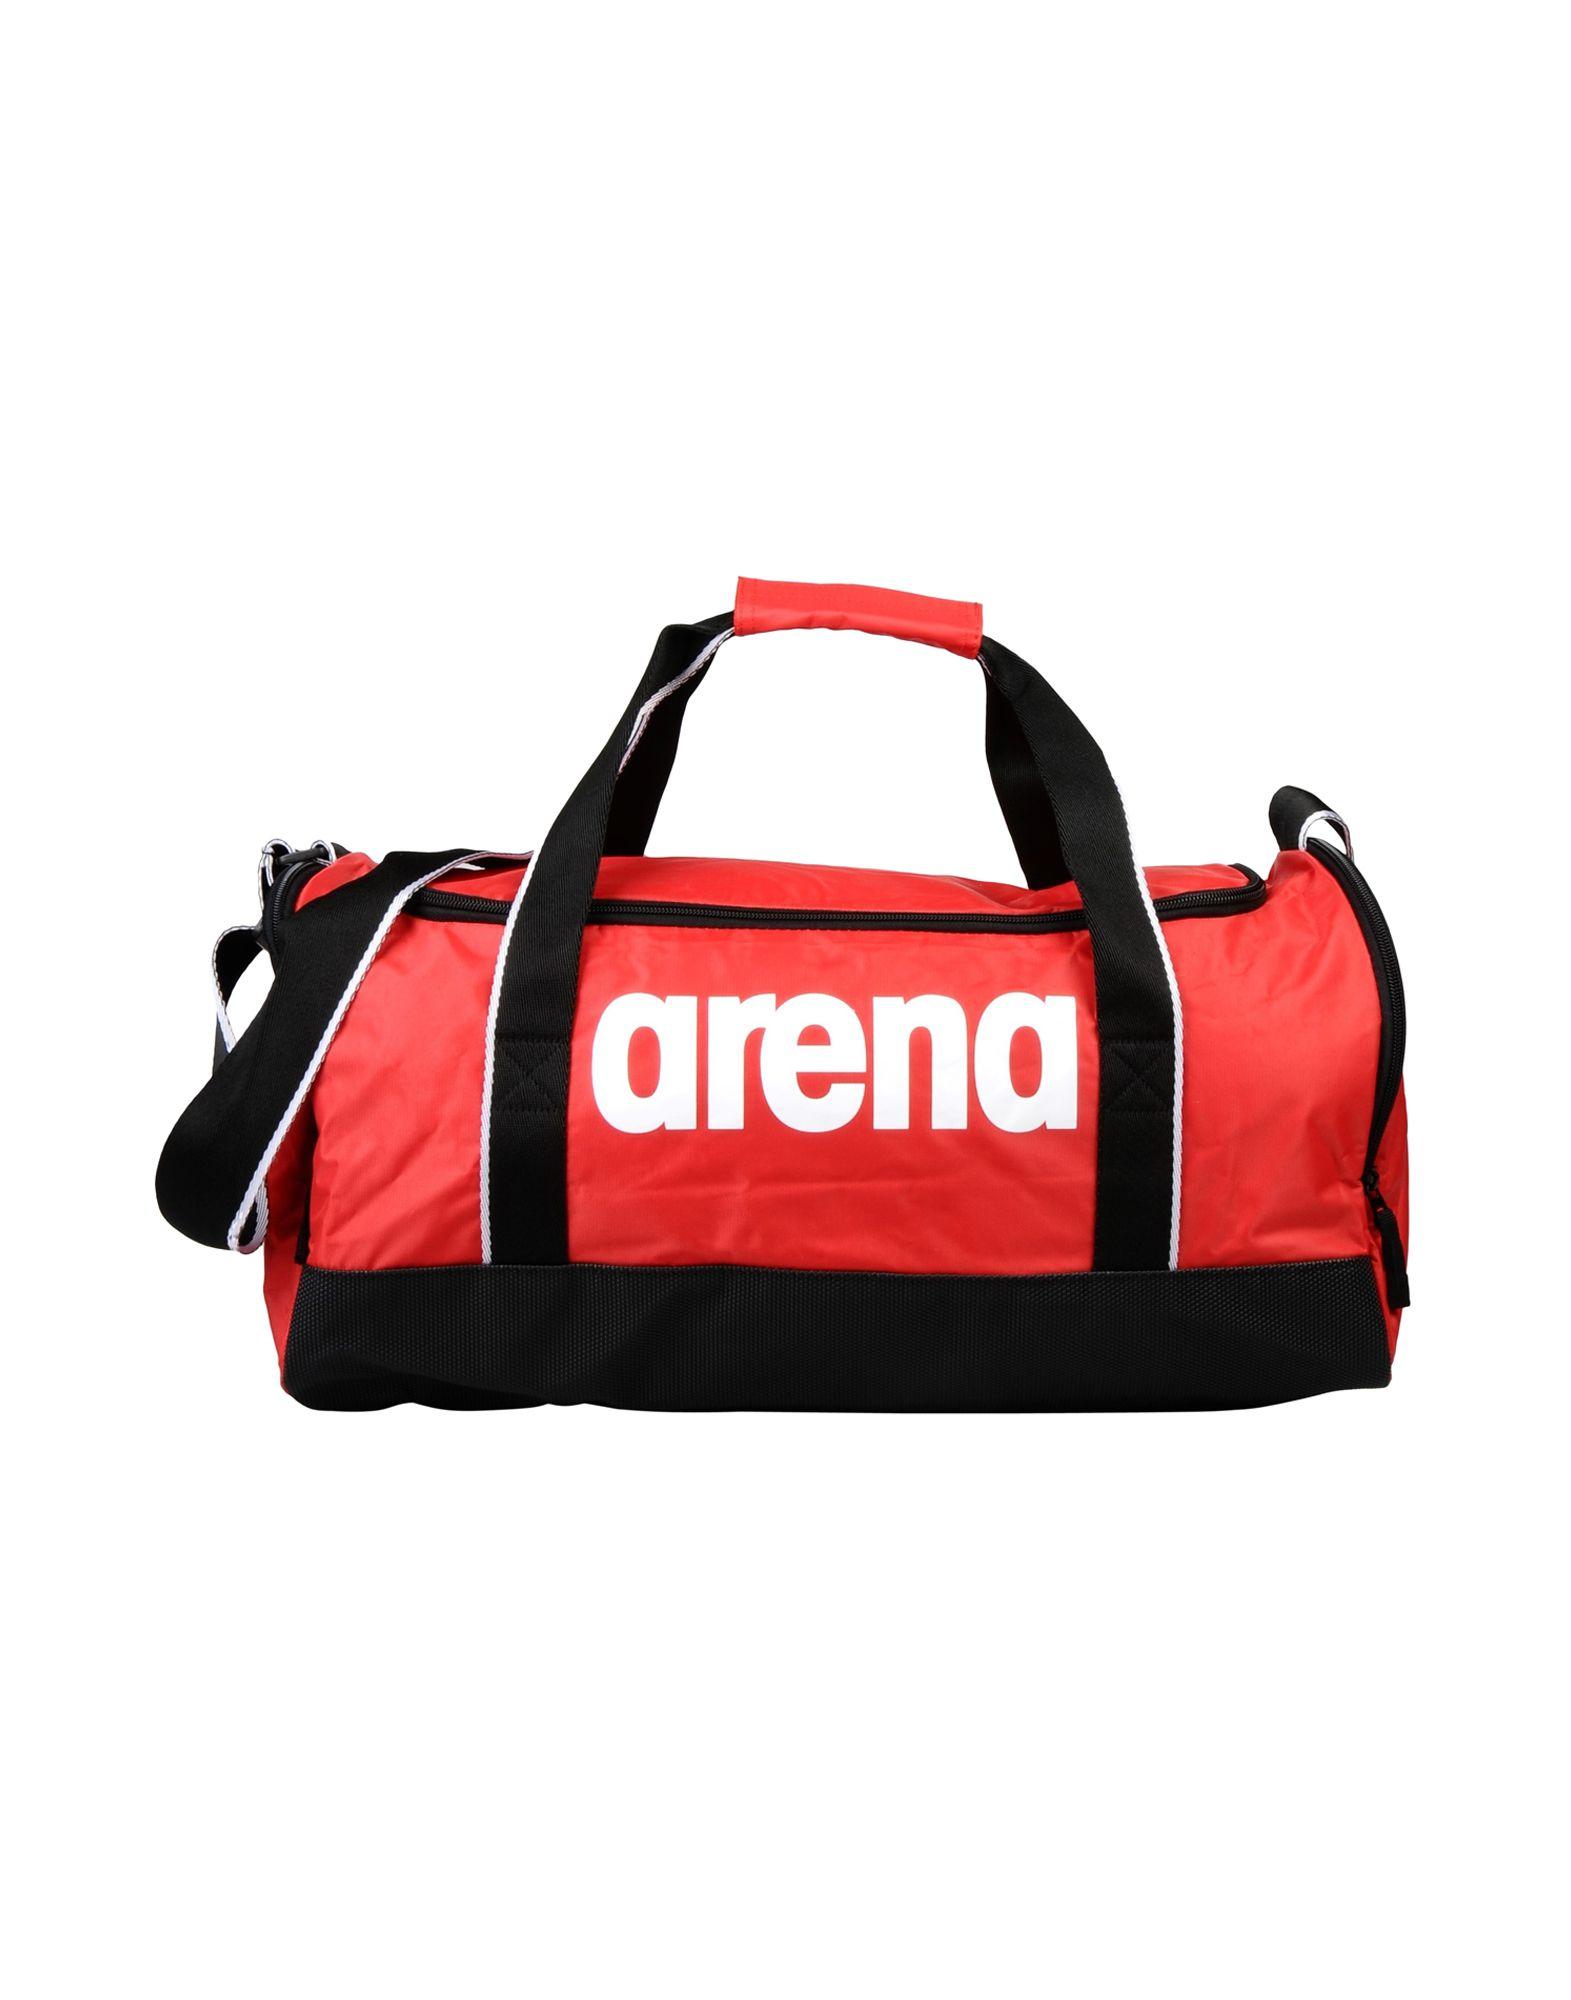 Best Deals Duffel Travel Bags